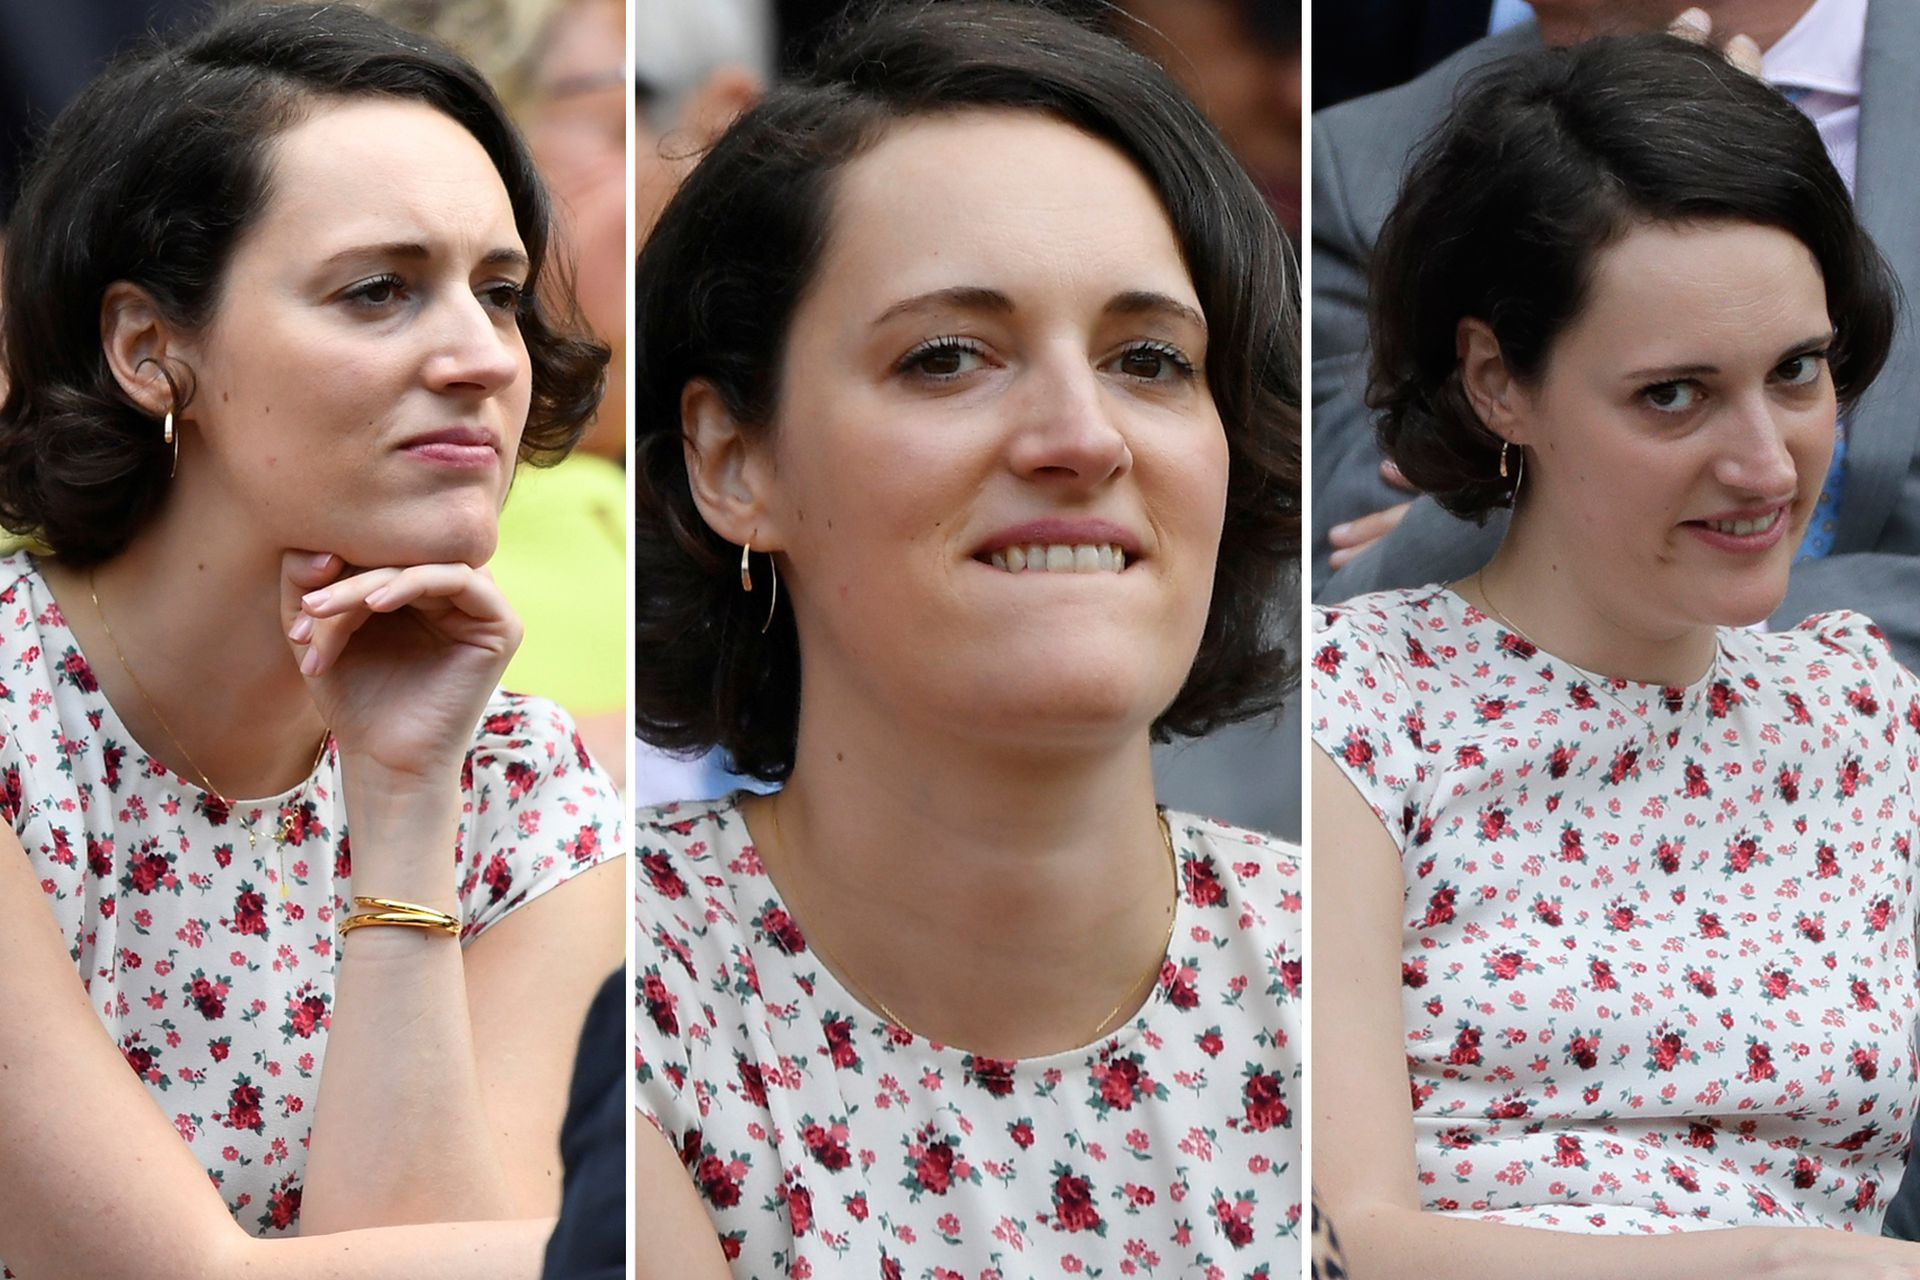 Show de caras: los paparazzi estuvieron muy atentos a todos los gestos que hizo la actriz y guionista Phoebe Waller-Bridge mientras miraba un partido de tennis en Wimbledon